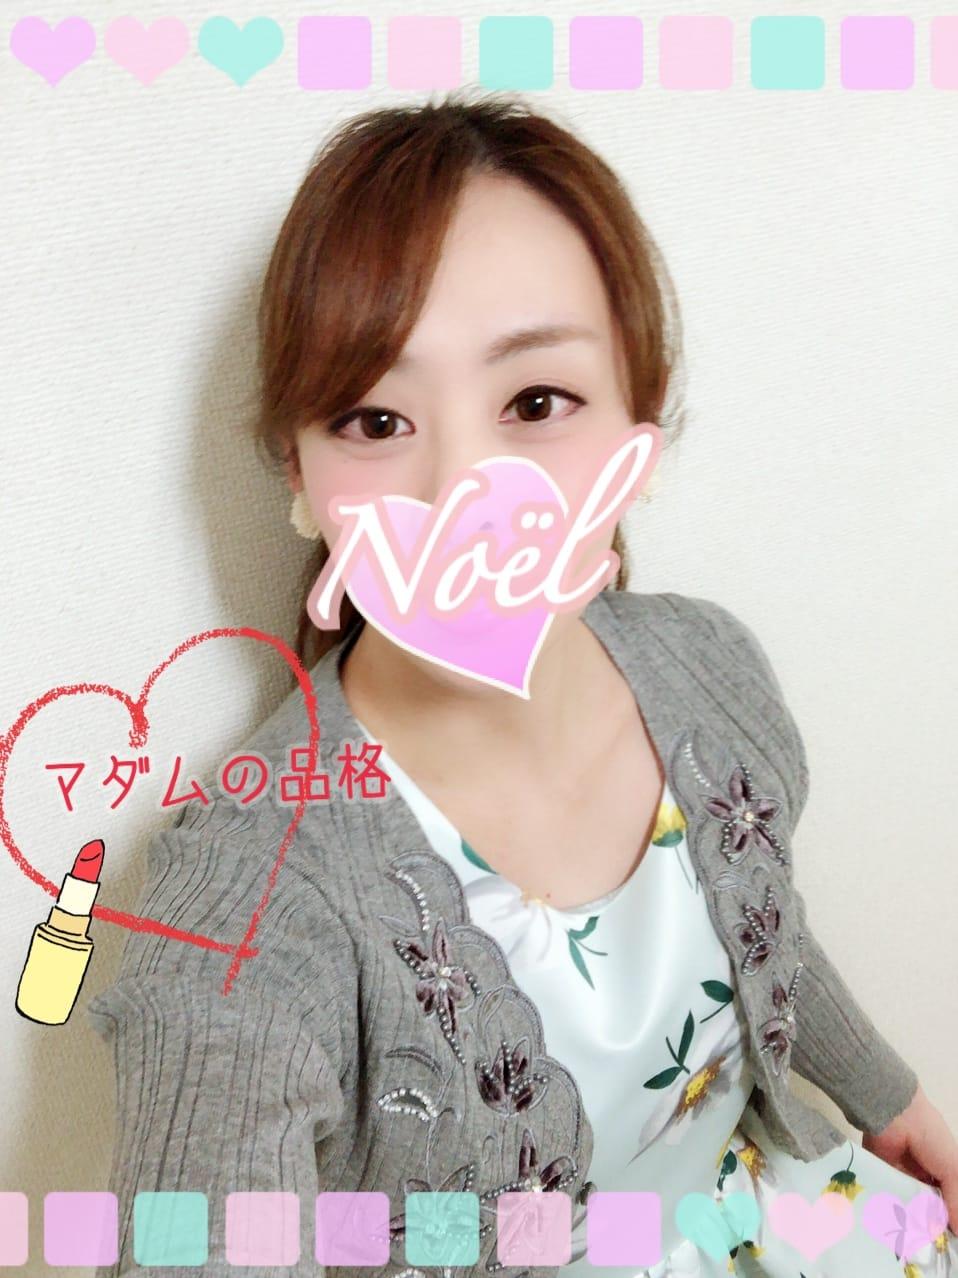 「こんばんは?」04/12(木) 18:15 | のえるの写メ・風俗動画